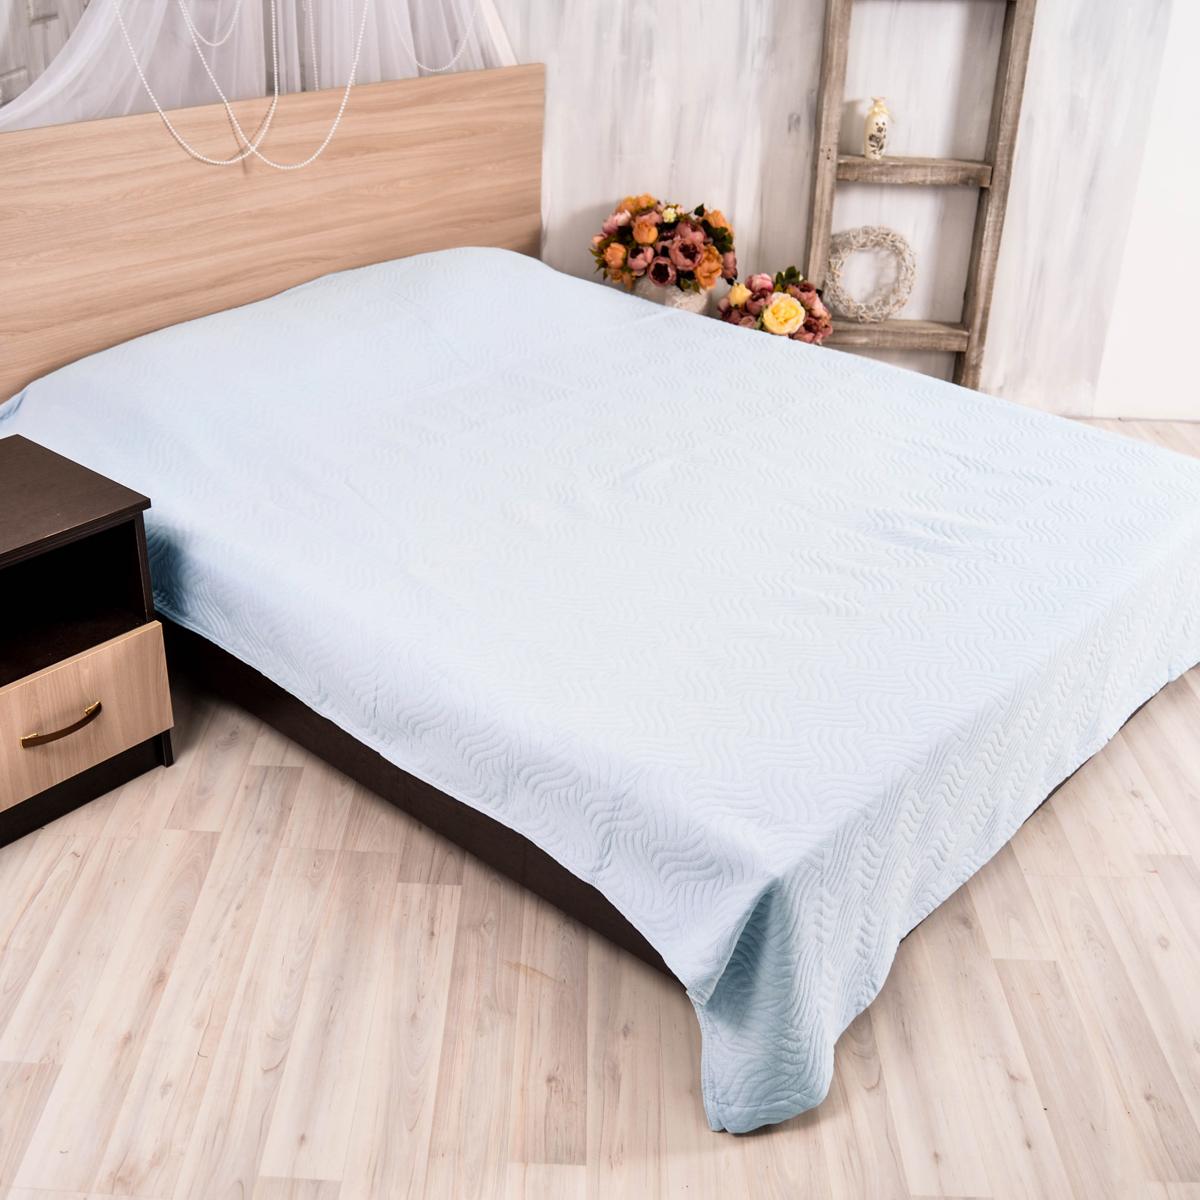 Покрывало Arloni Плетение, цвет: голубой, 150 х 200 смПКМК005-10304Покрывало Arloni Плетение изготовлено из хлопка.Натуральный хлопковый материал мягкий, приятный на ощупь, прочный, гипоаллергенный и практически не мнется. Покрывало Arloni не только подарит тепло, но и гармонично впишется в интерьер вашего дома.